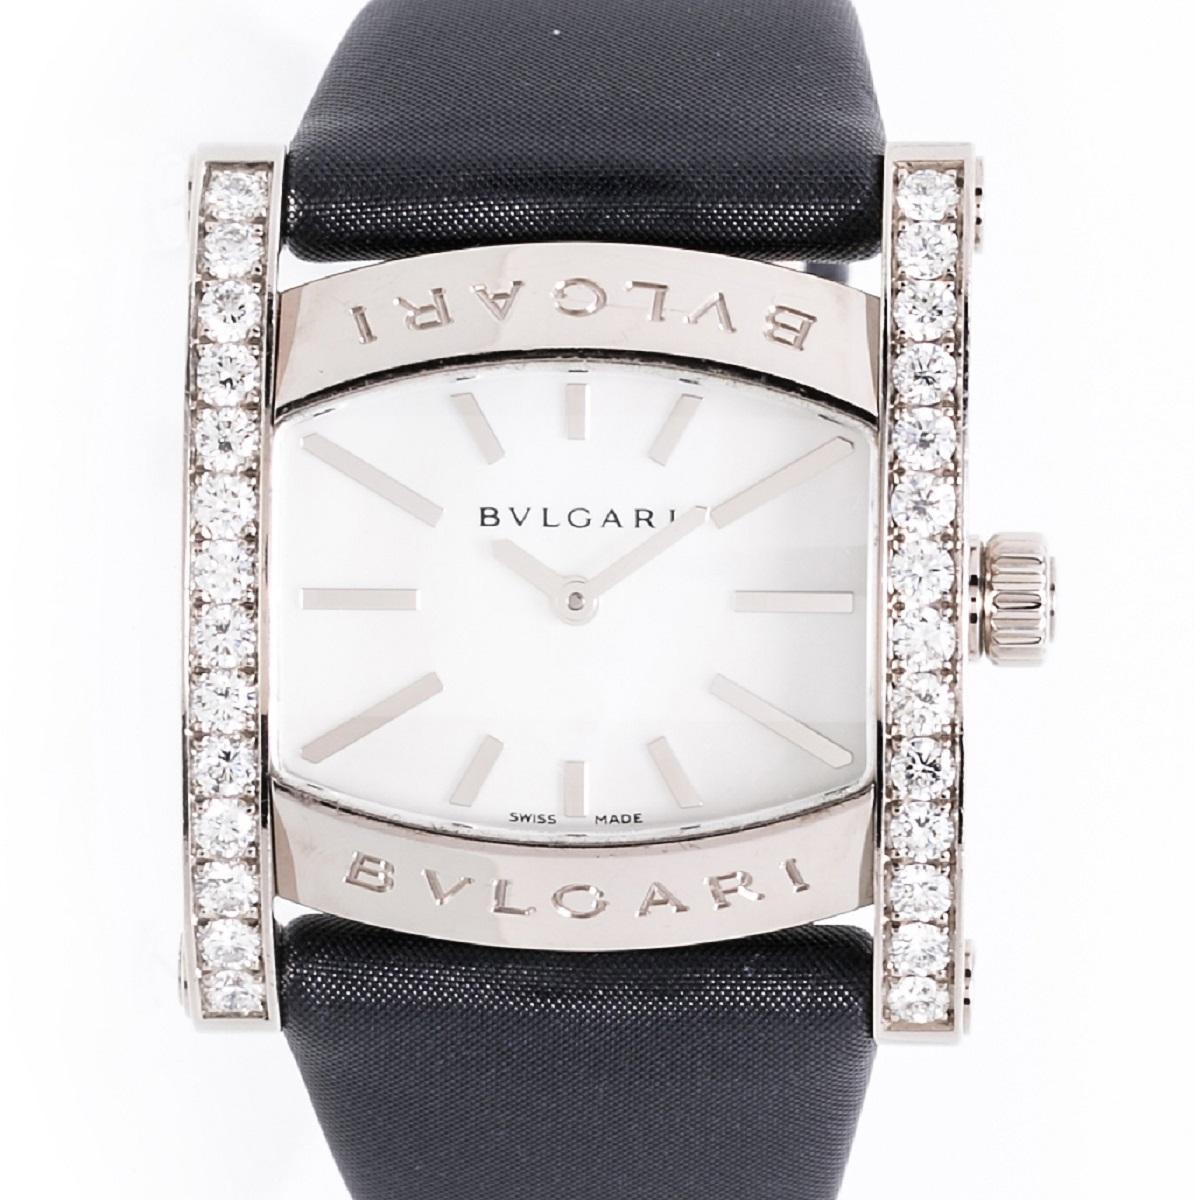 ブルガリ BVLGARI アショーマ AAW36G ダイヤベゼル WG ホワイトゴールド レディース 腕時計 QZ クォーツ 2006年 送料無料 【トレジャースポット】【中古】